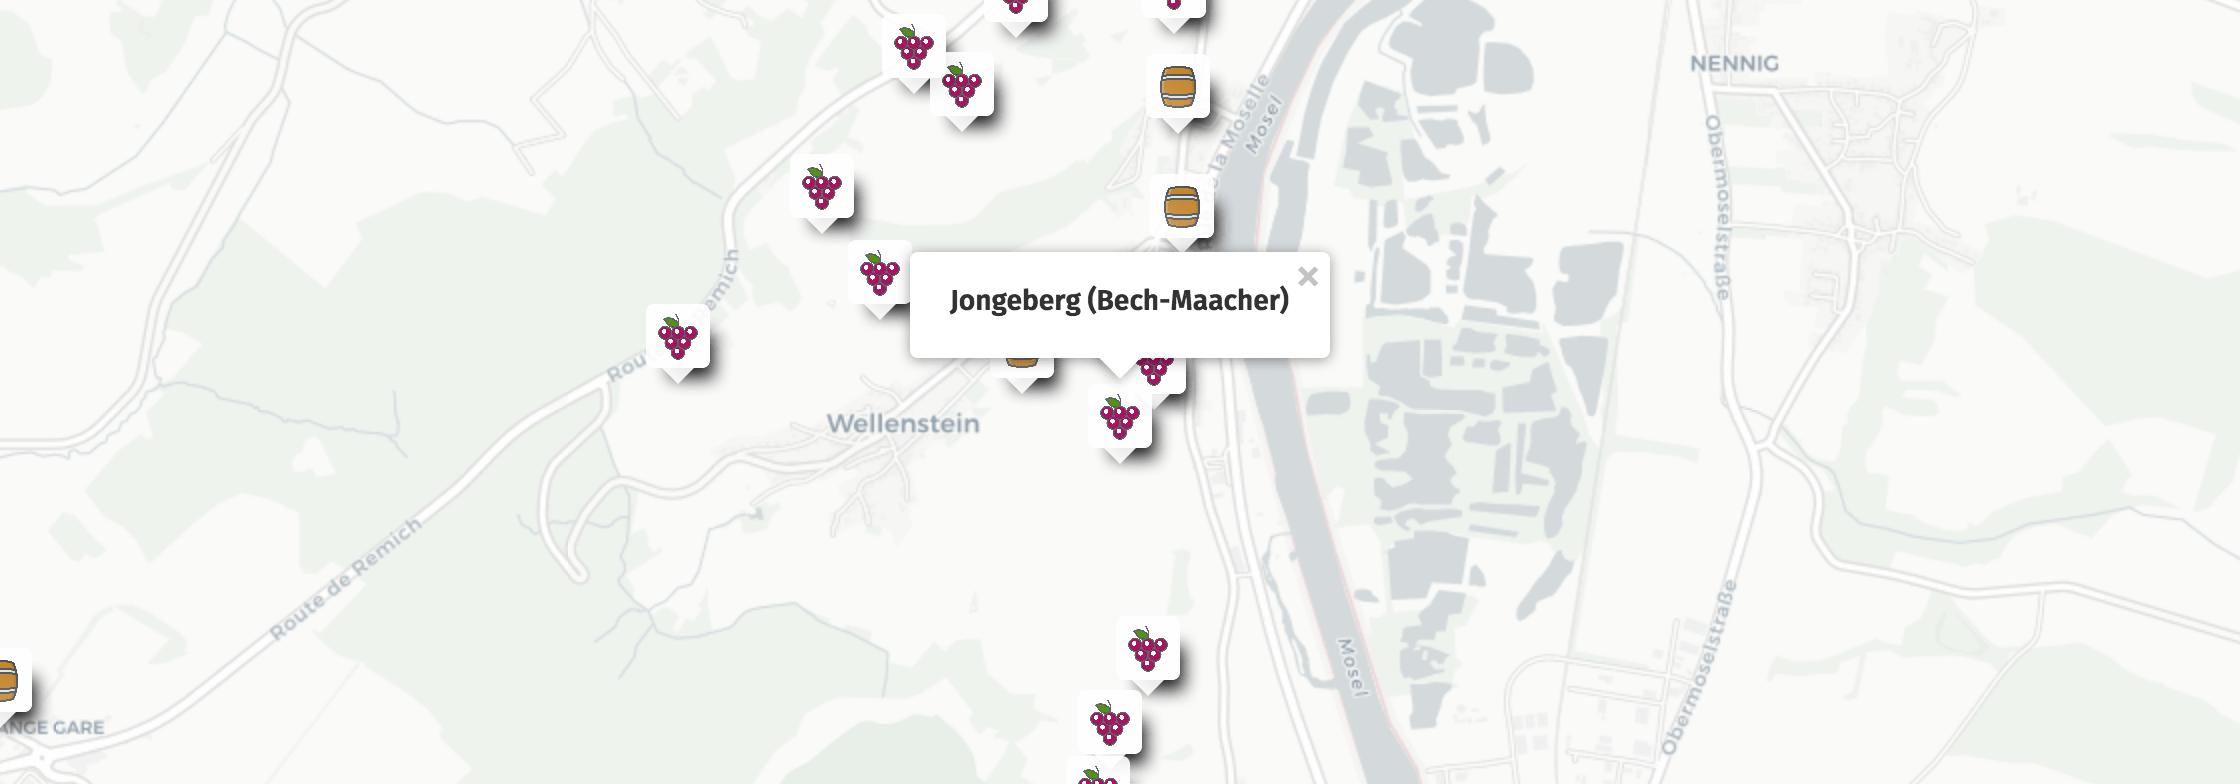 Geolocation of Jongeberg wines in Bech-Kleinmacher